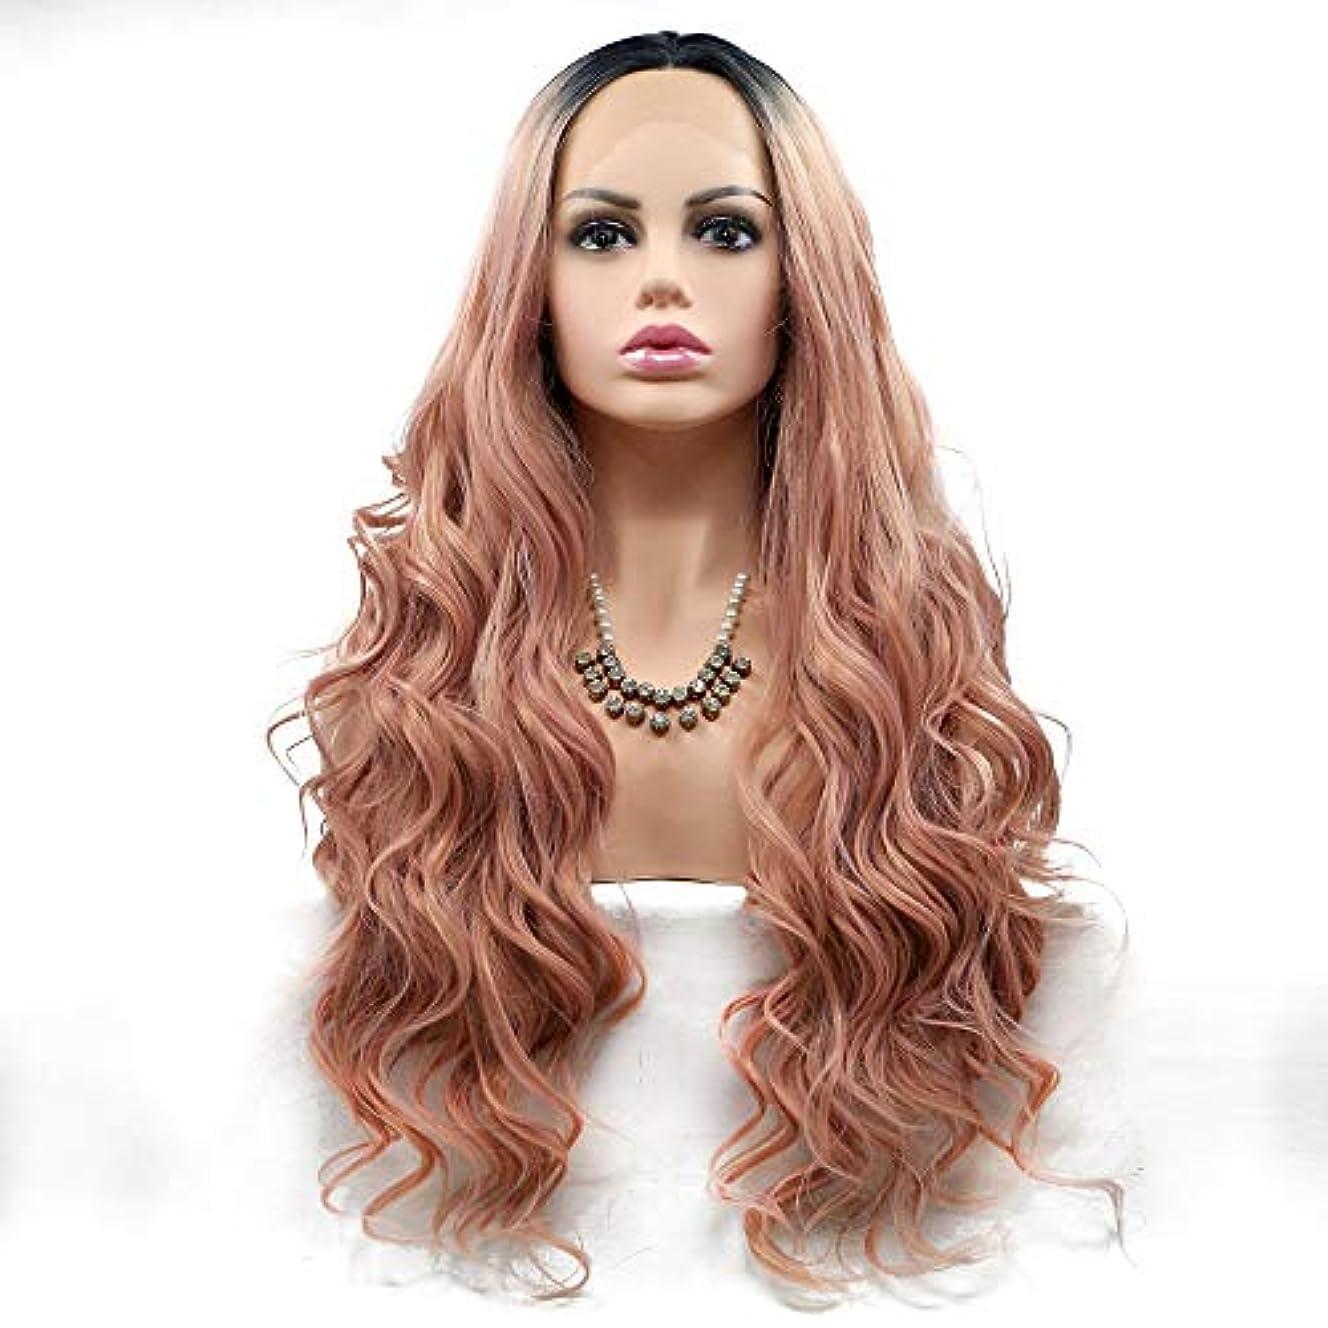 技術者観光デジタルHAILAN HOME-かつら ウィッグ髪に鮮やかなピンクFarseeing髪カーリーヘアウィッグレディース手作りのレースのヨーロッパとアメリカのウィッグセットがリアルなリアルな換気を設定します。